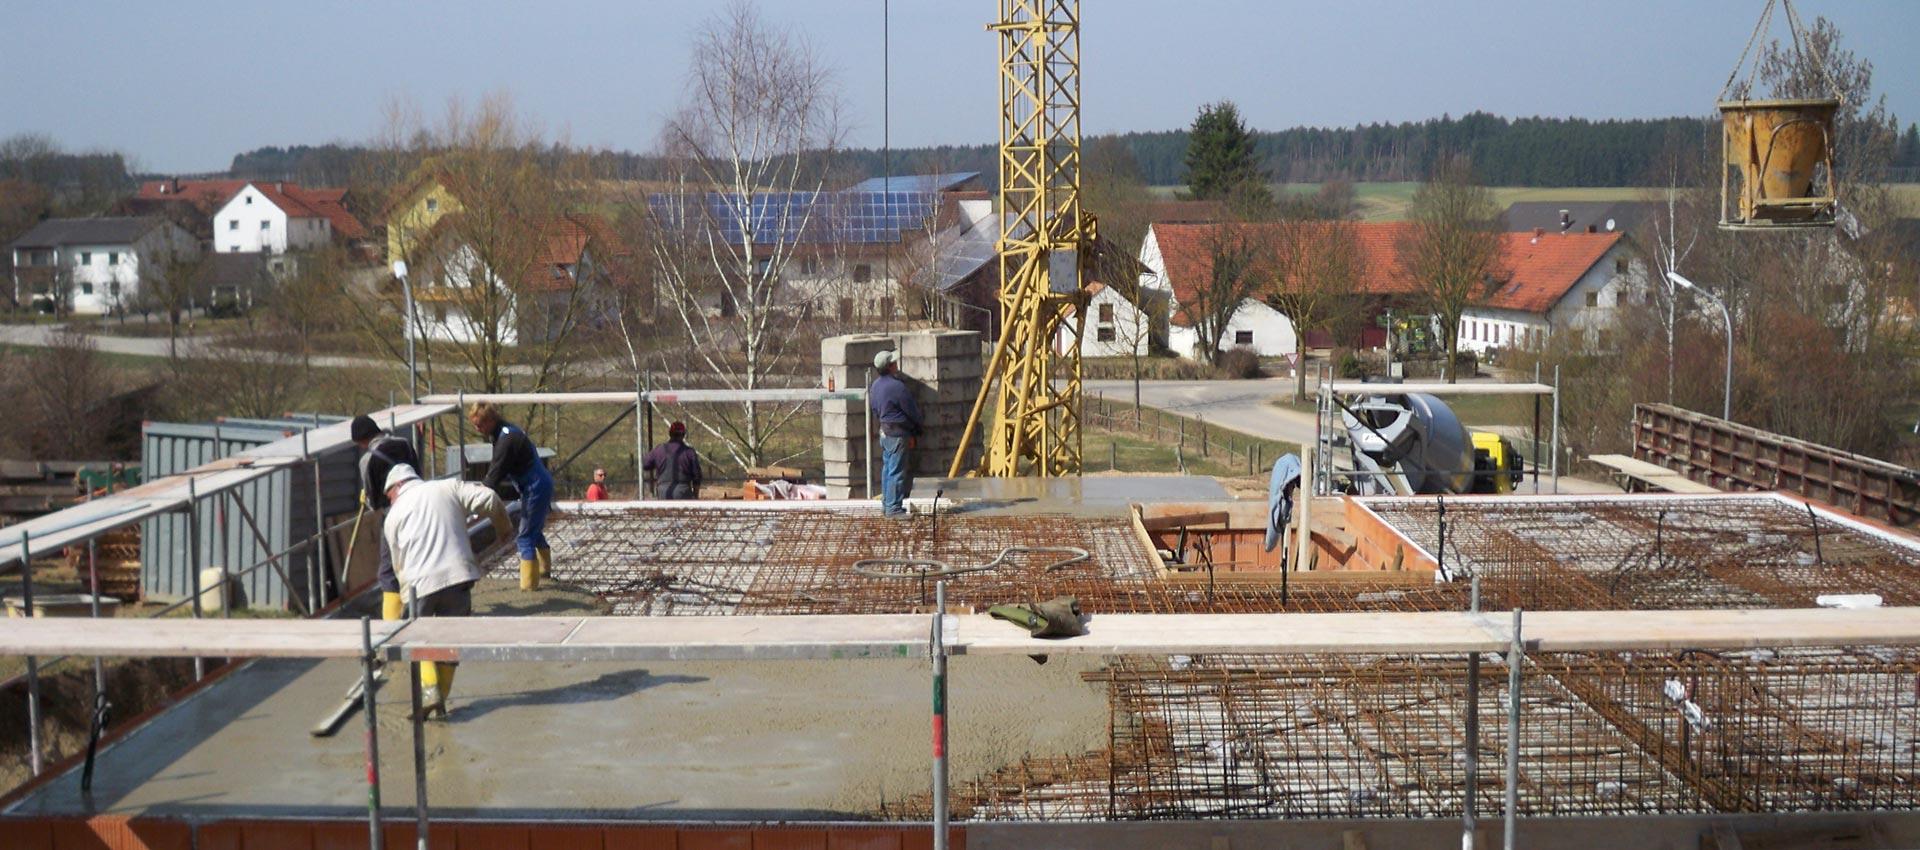 Rohbau der Brandl GmbH bei Landshut